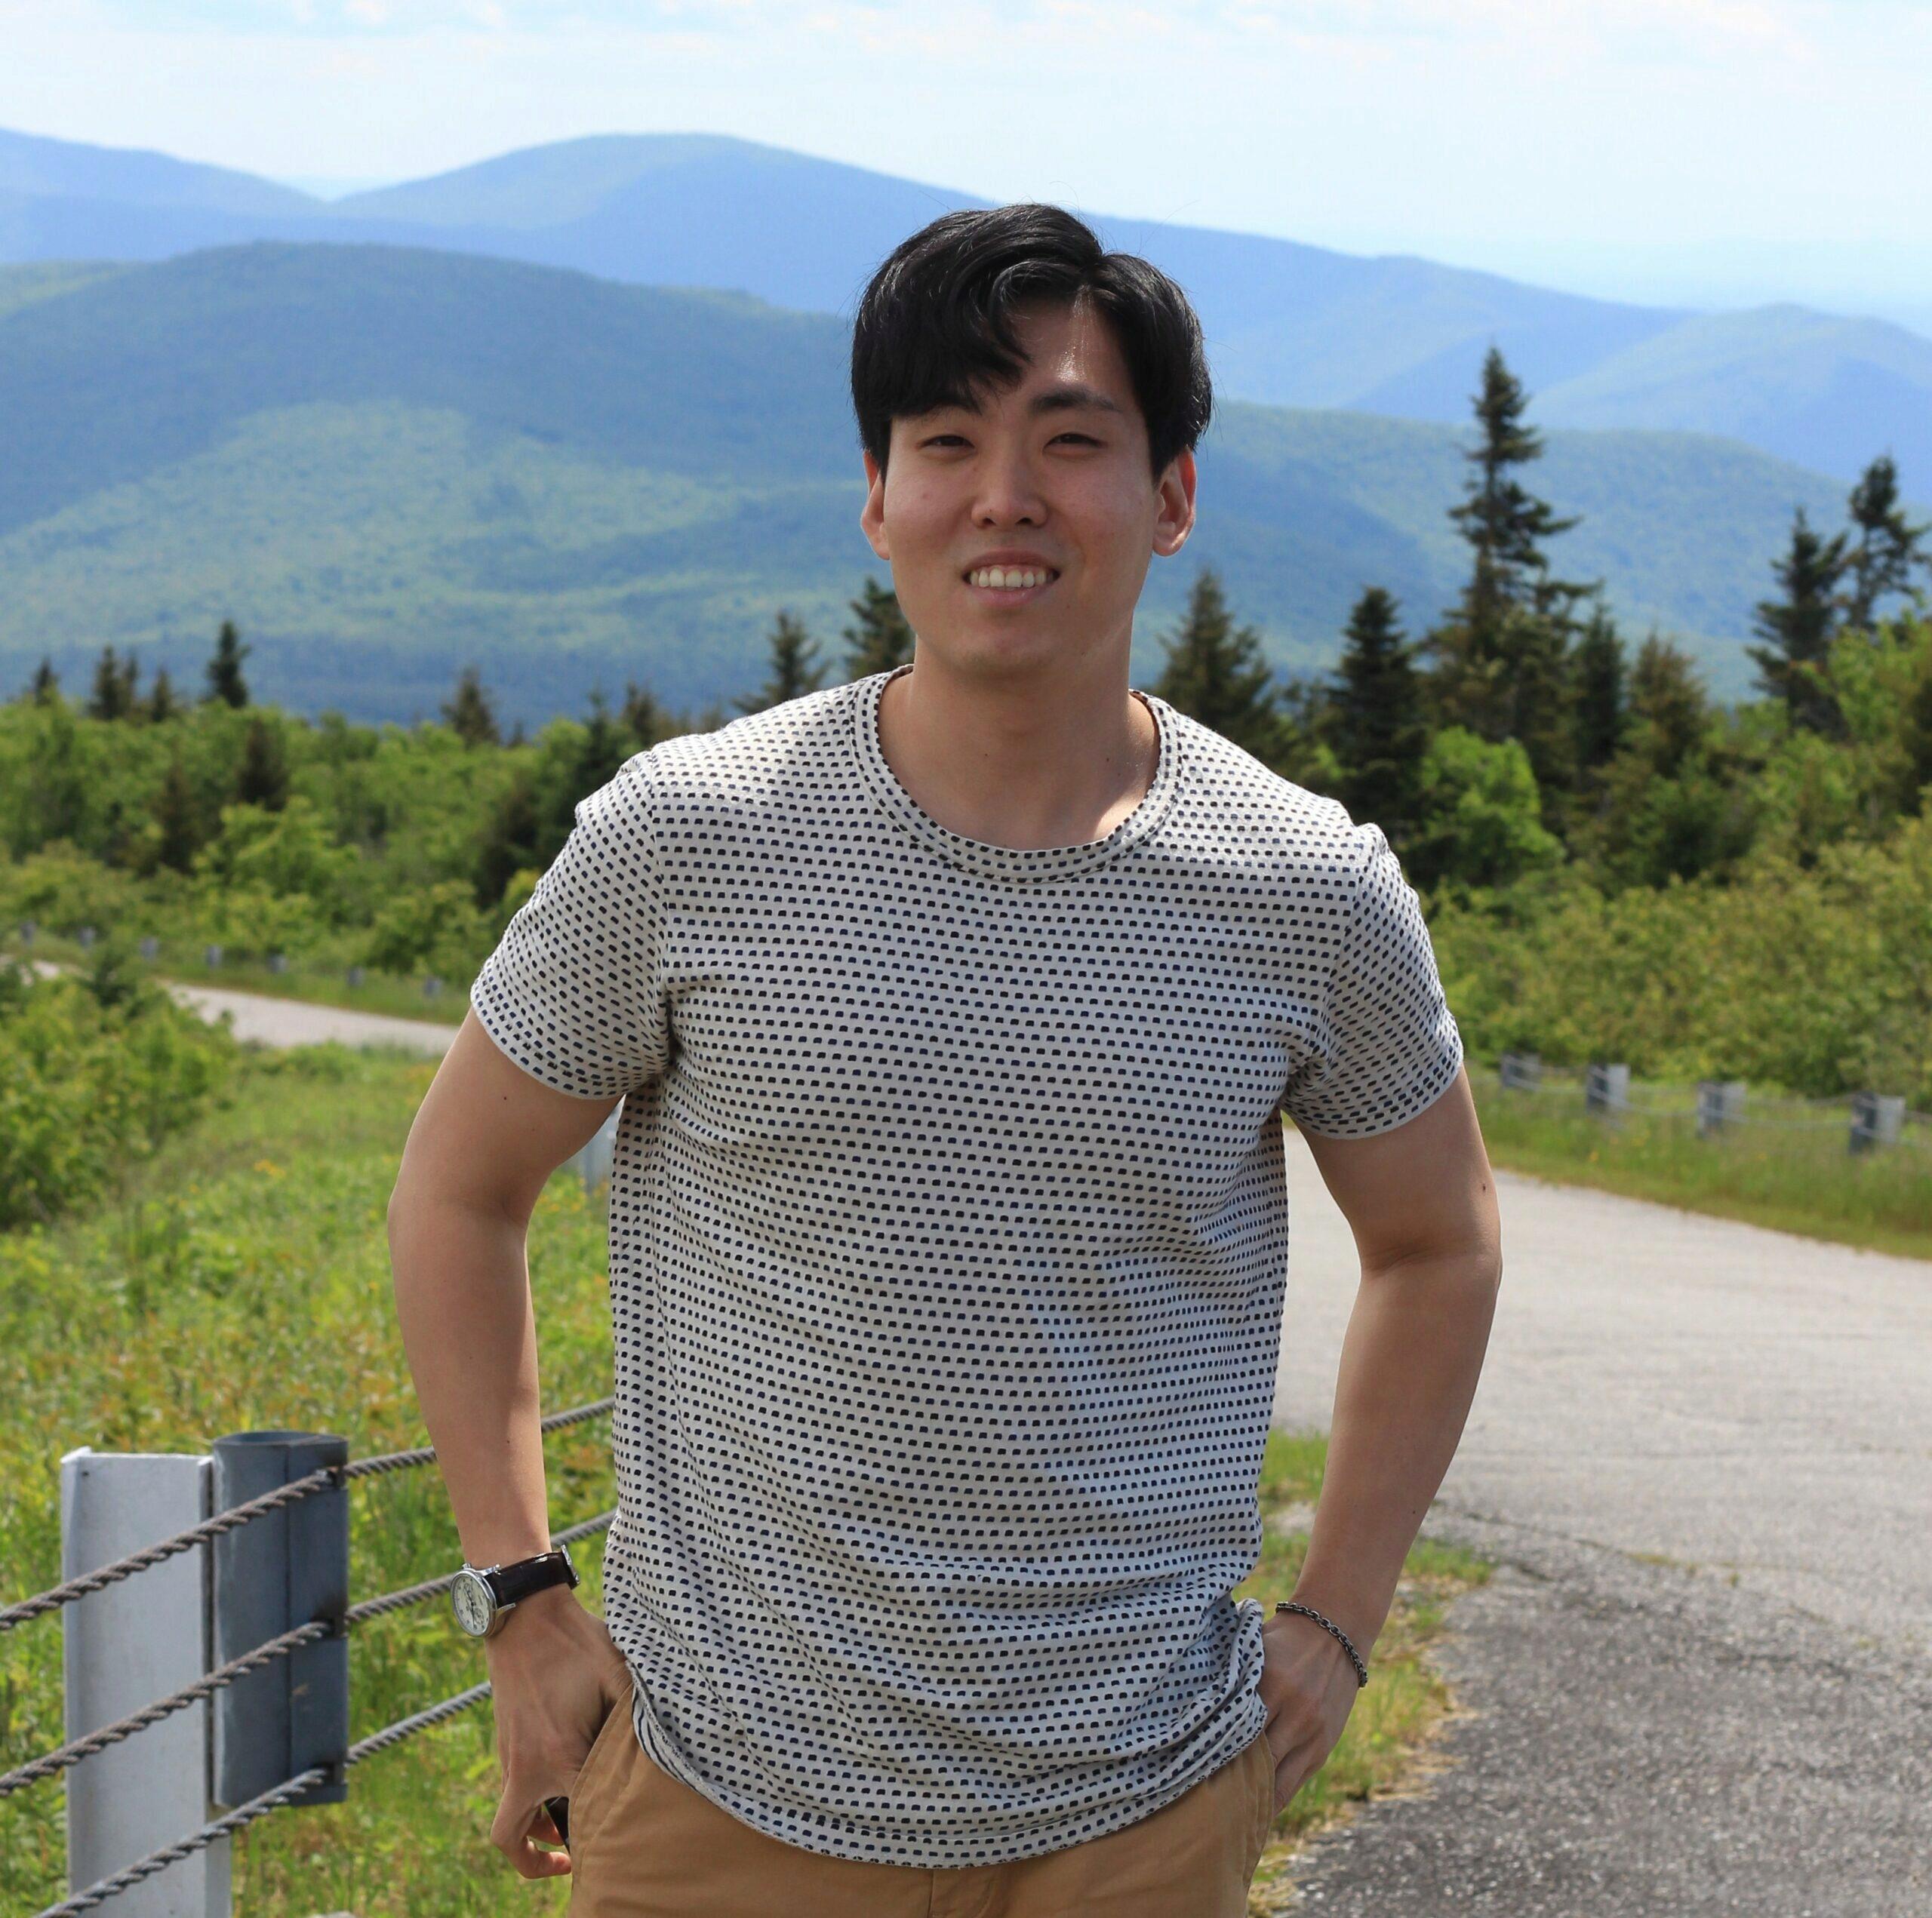 Scott Kim